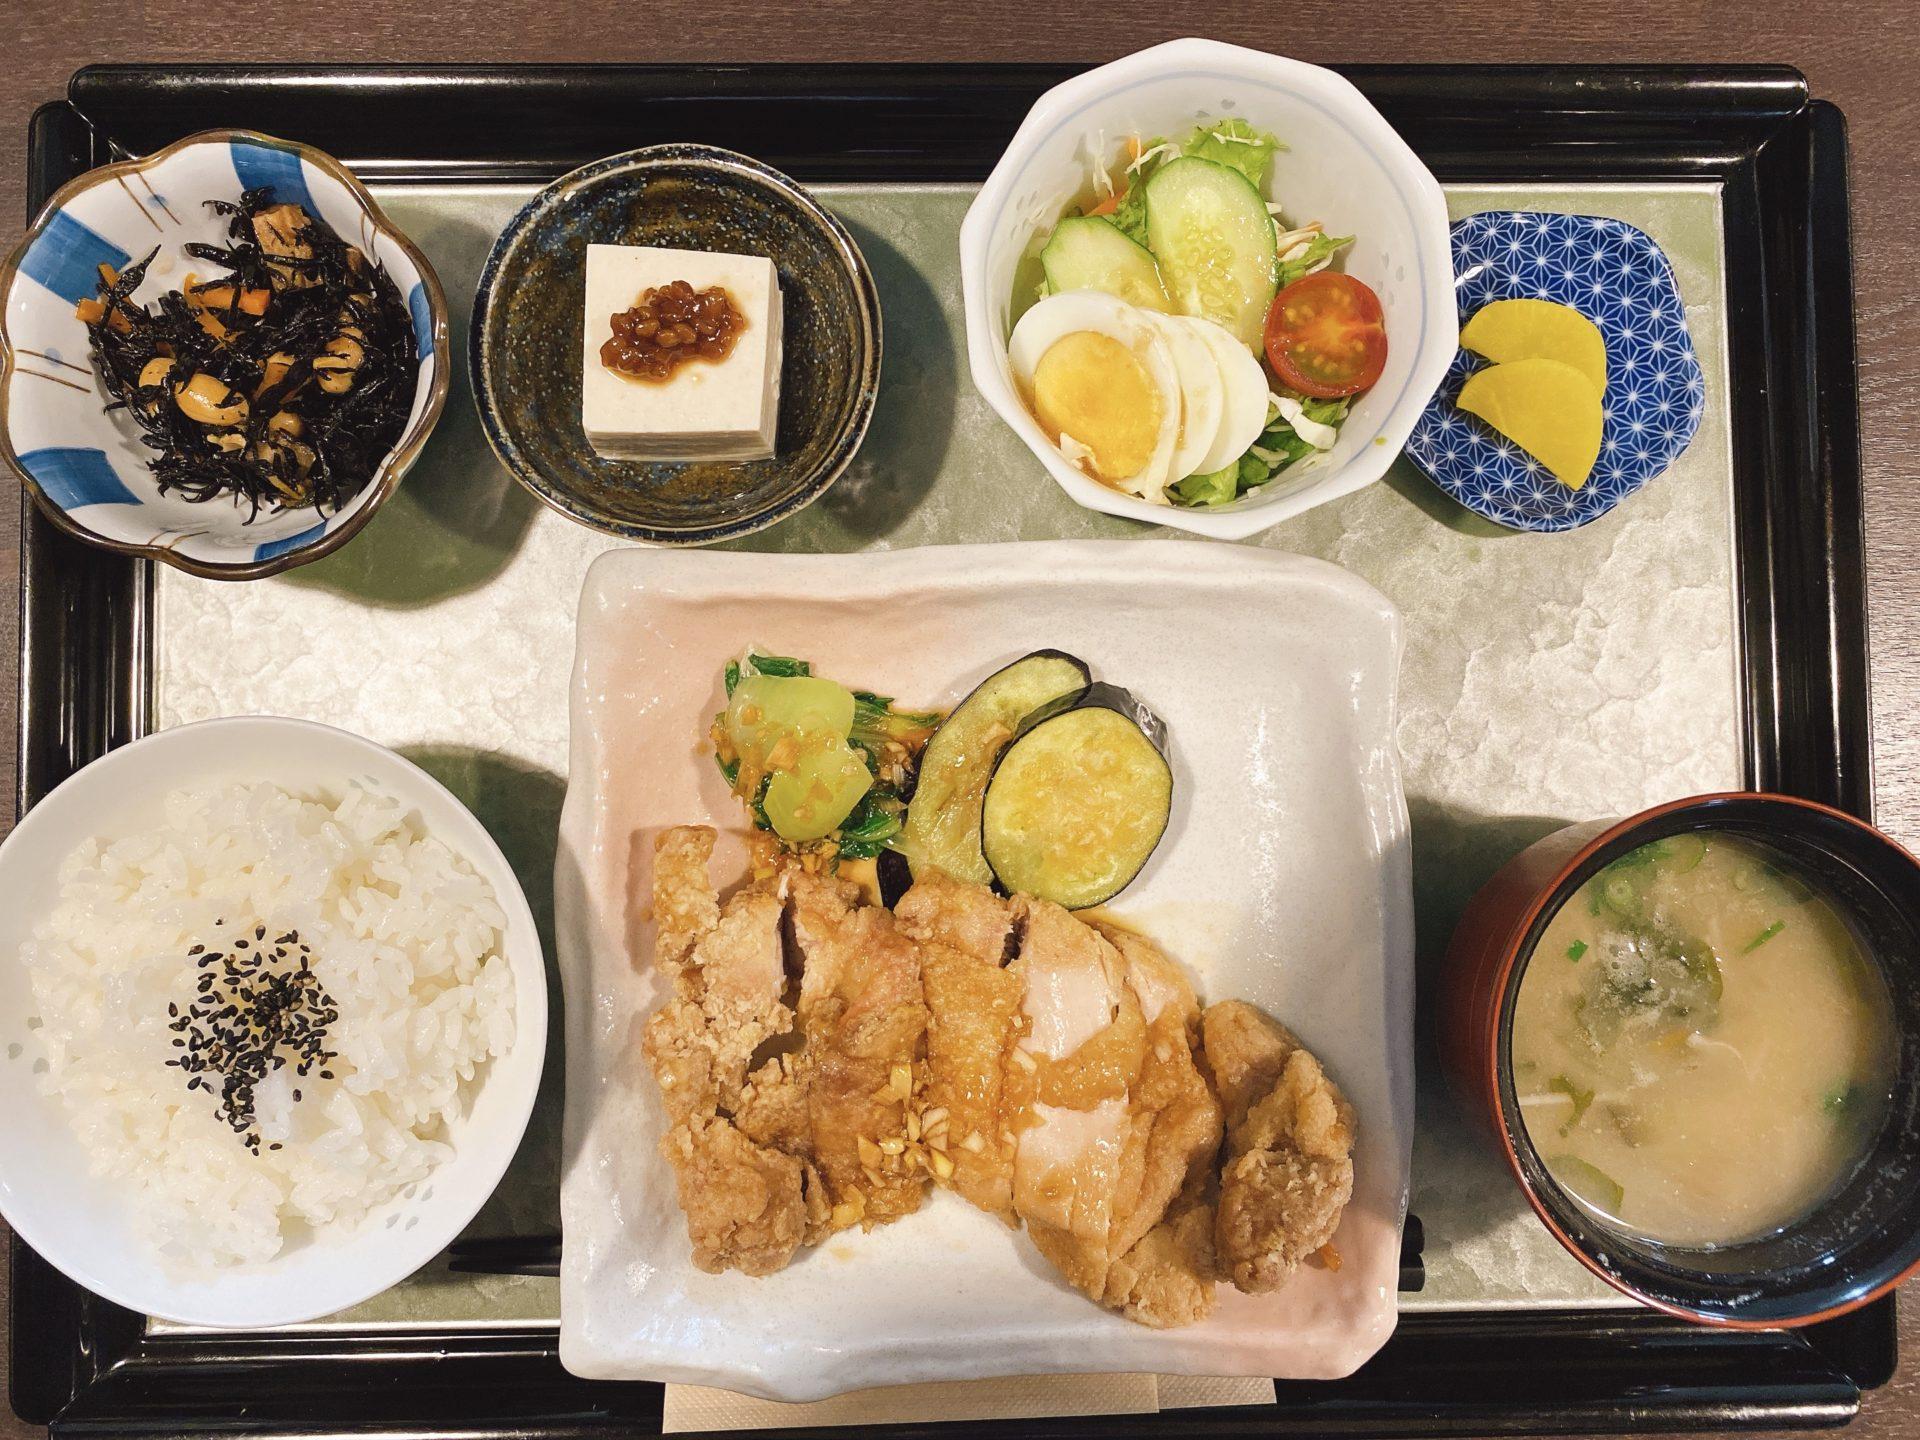 西大寺駅から車で13分 古民家カフェ【コメスタィ】にて初ランチ!漱石ロード定食と迷うも、今回は油淋鶏ランチを頂き舌鼓